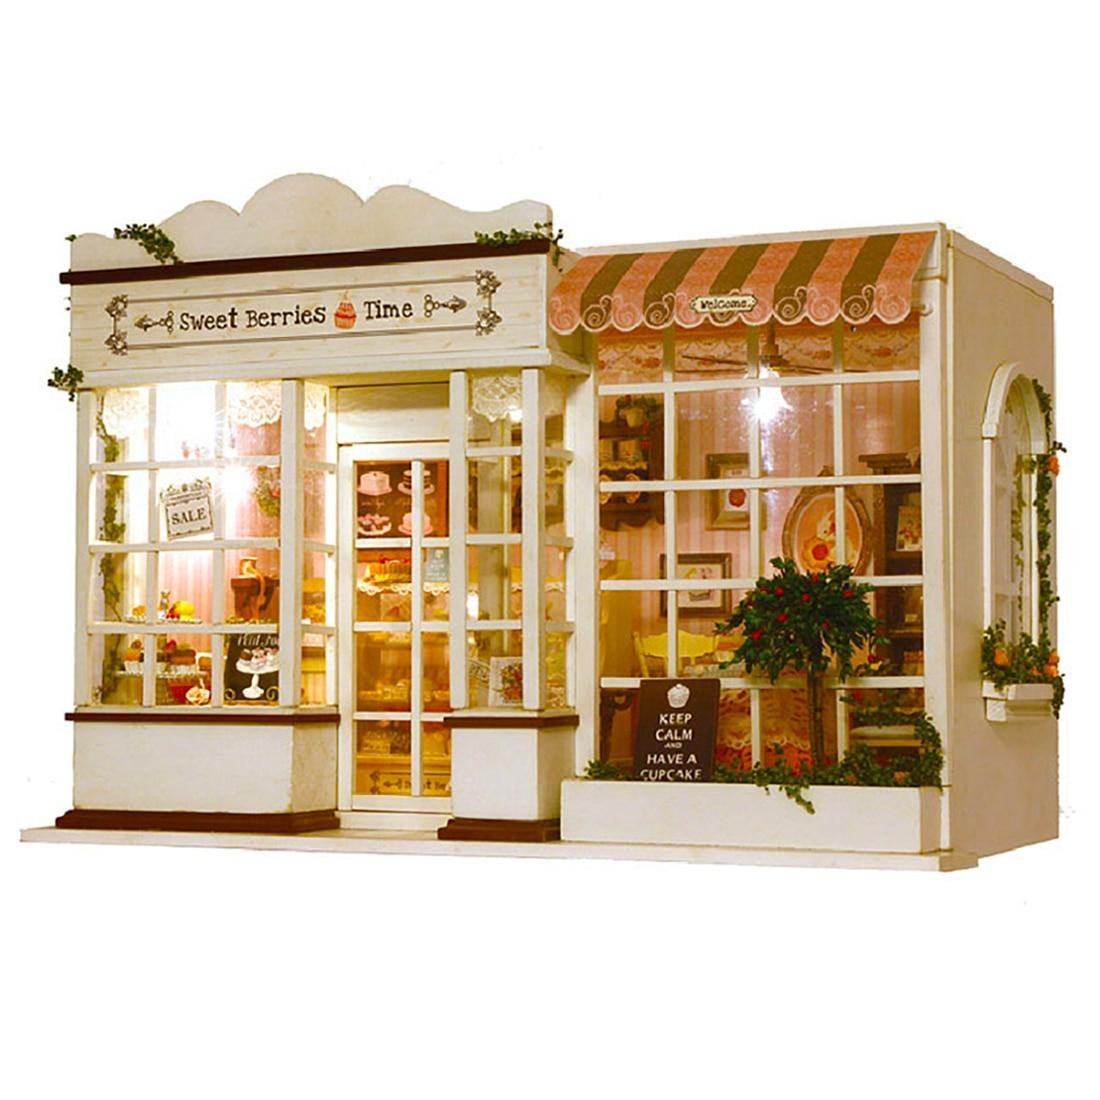 NFSTRIKE bricolage maison de poupée Miniature en bois jouets doux temps de purée 3D assemblage bricolage maison créative modèle de construction Kits enfants cadeaux